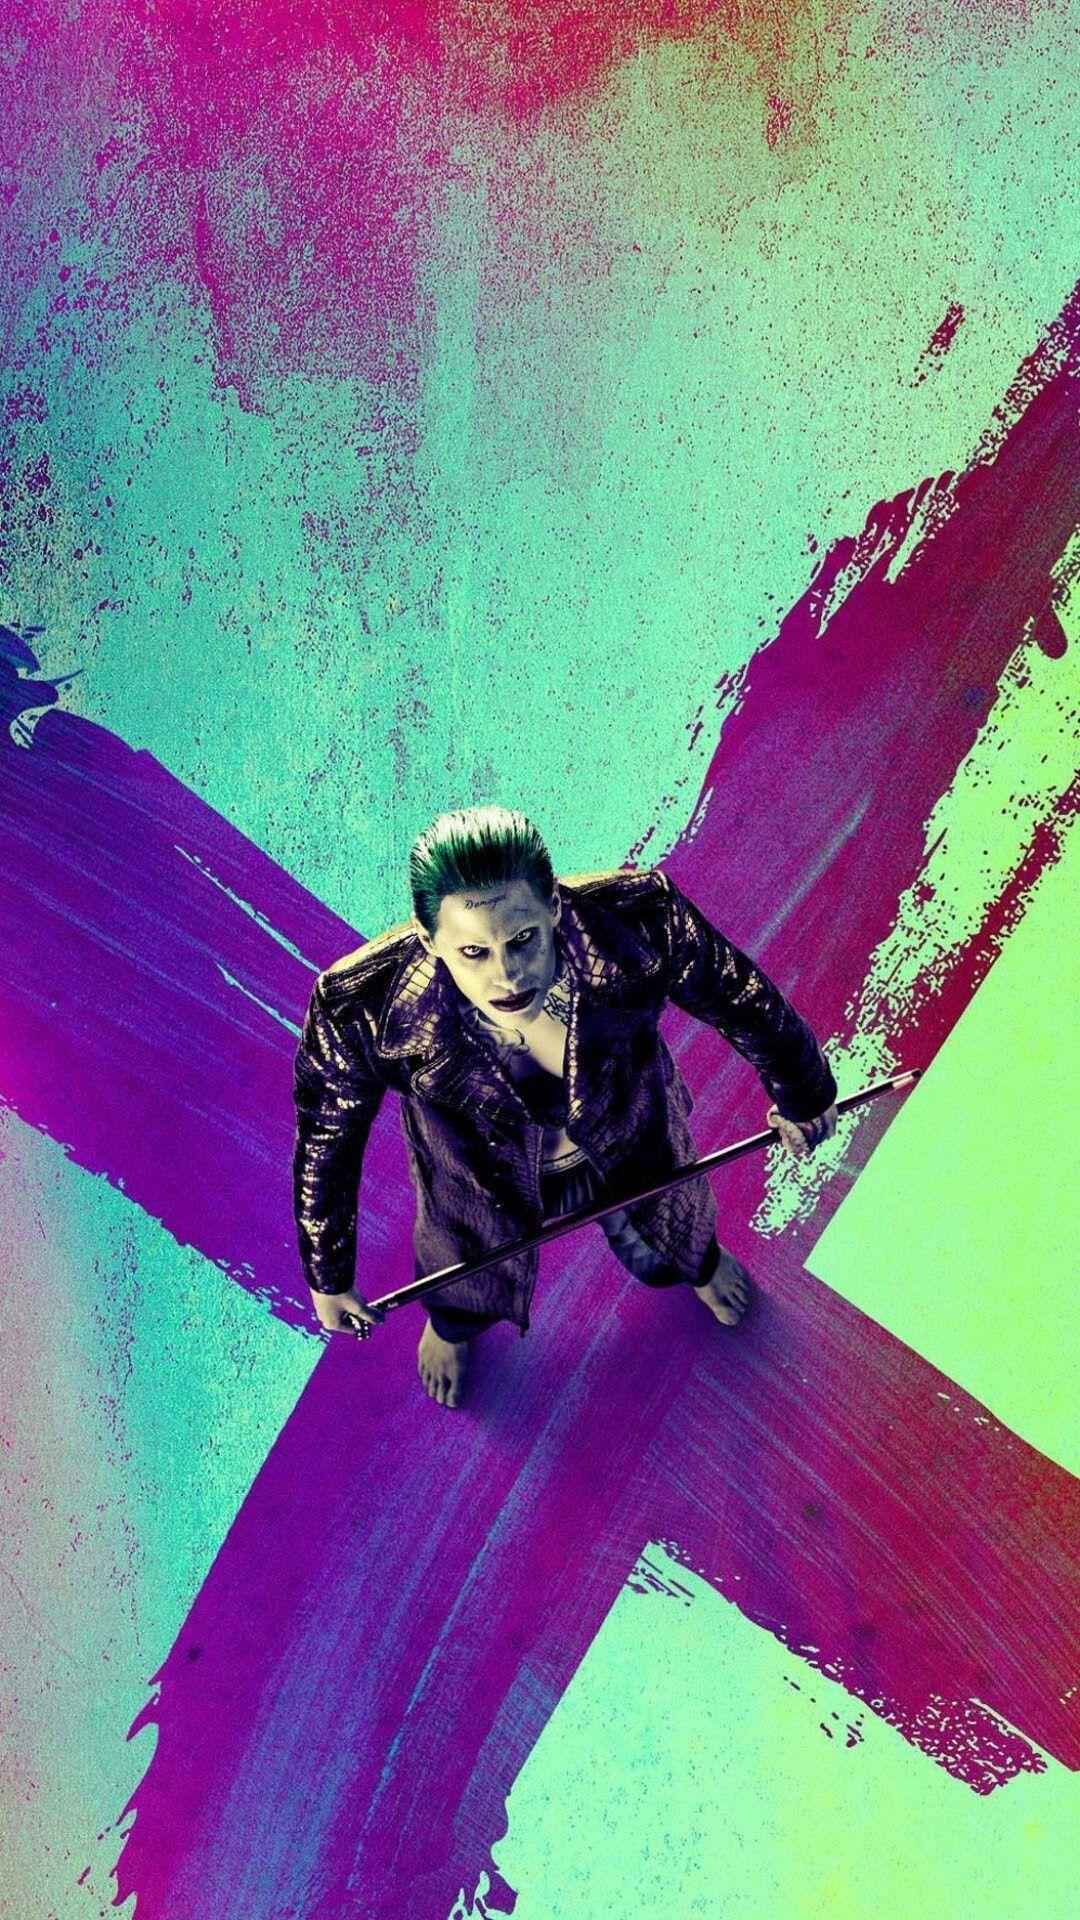 Joker Purple And Green Wallpaper Home Screen Joker Hd Wallpaper Joker Wallpaper Joker Hd